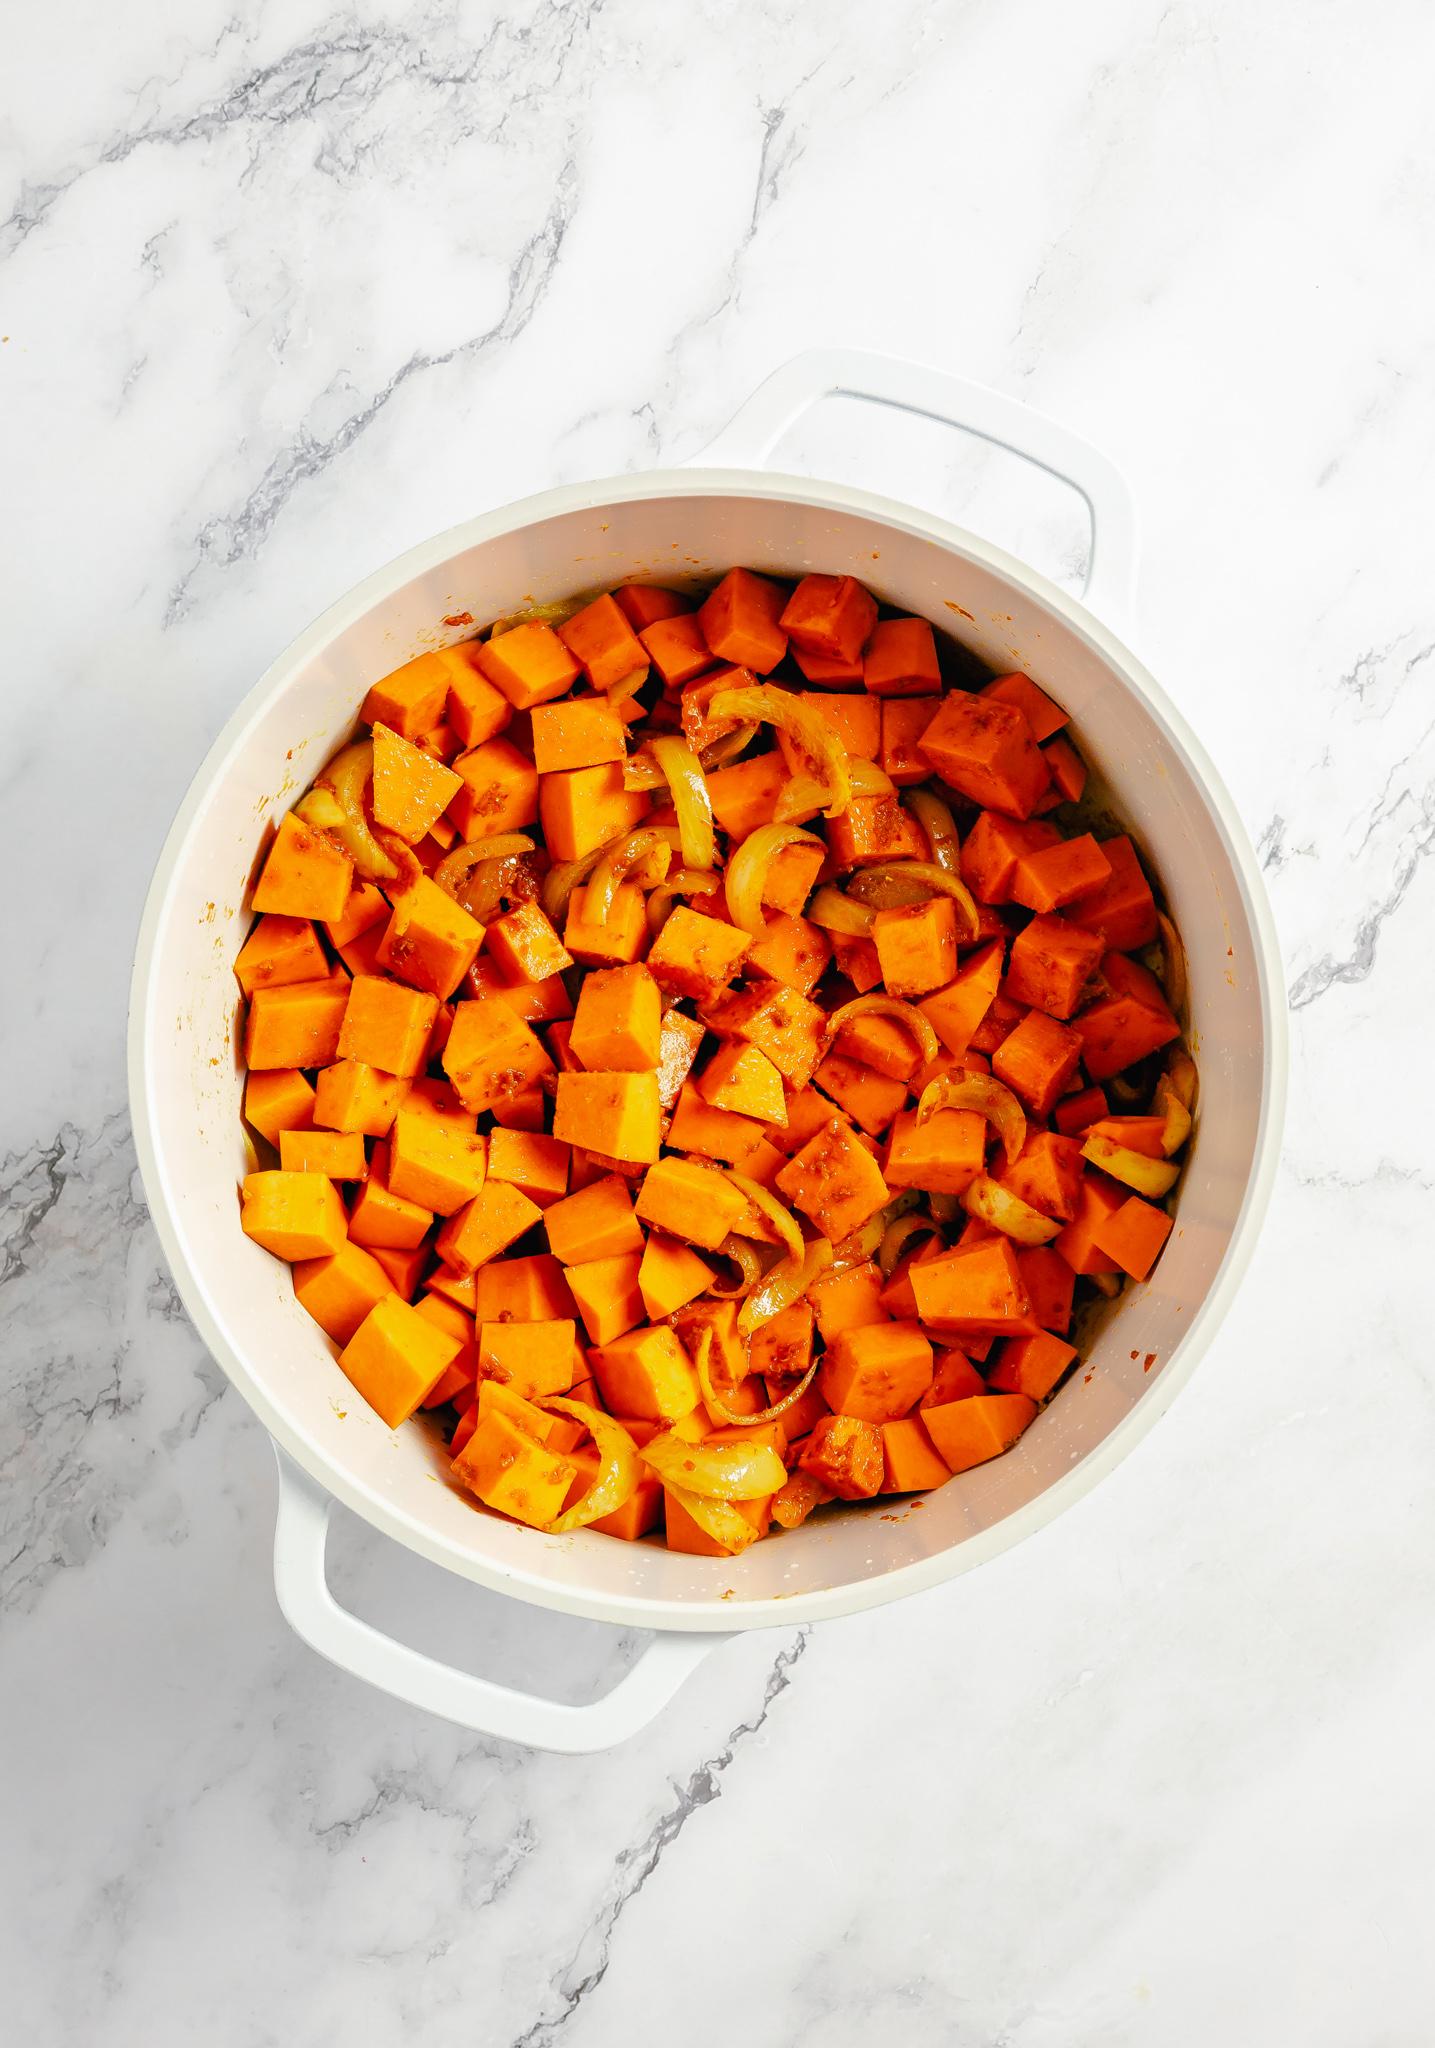 Pumpkin Curry Recipe pumpkin in a pot.